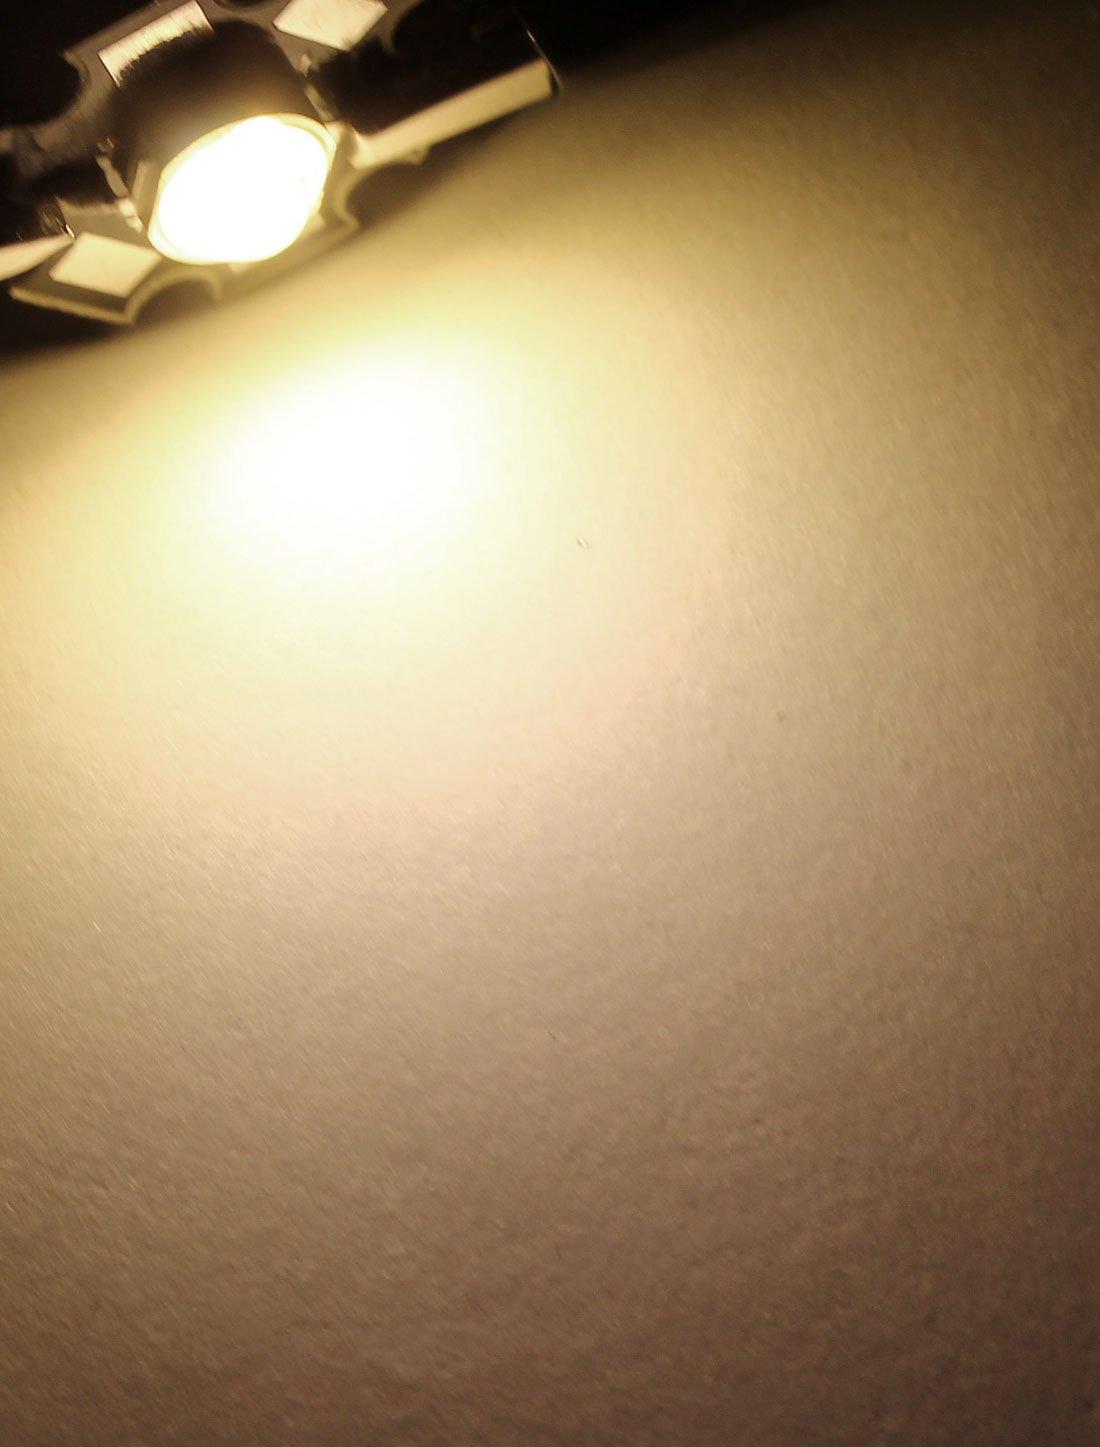 5W 2800-3200K luz Blanca cálida Lámpara LED emisor de Bolas 290-300LM: Amazon.com: Industrial & Scientific